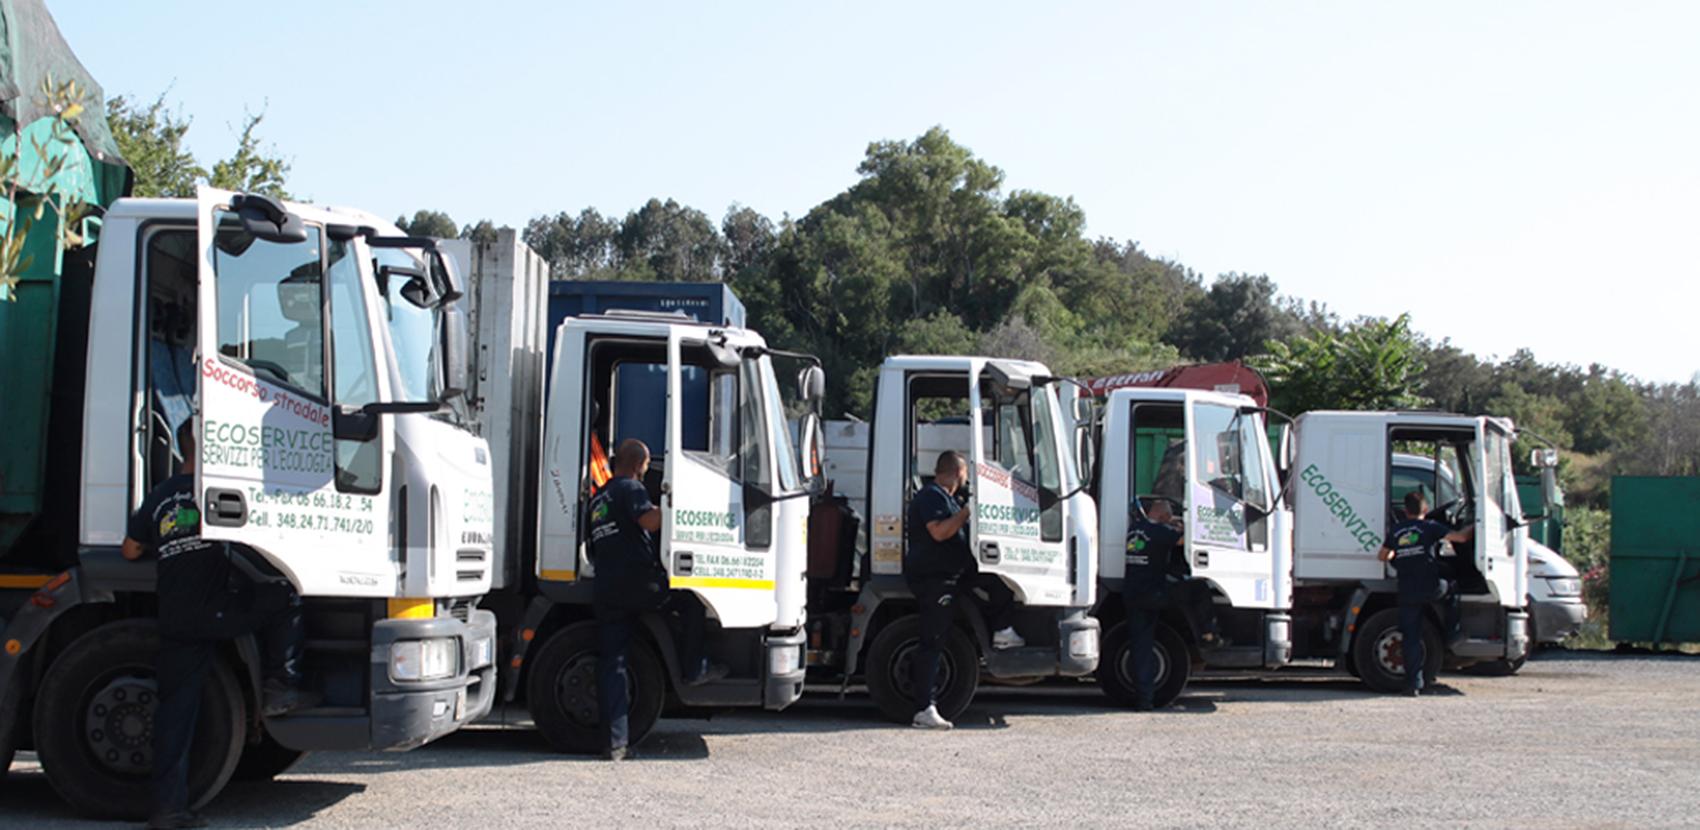 Trasporto e Raccolta rifiuti, servono aziende attrezzate